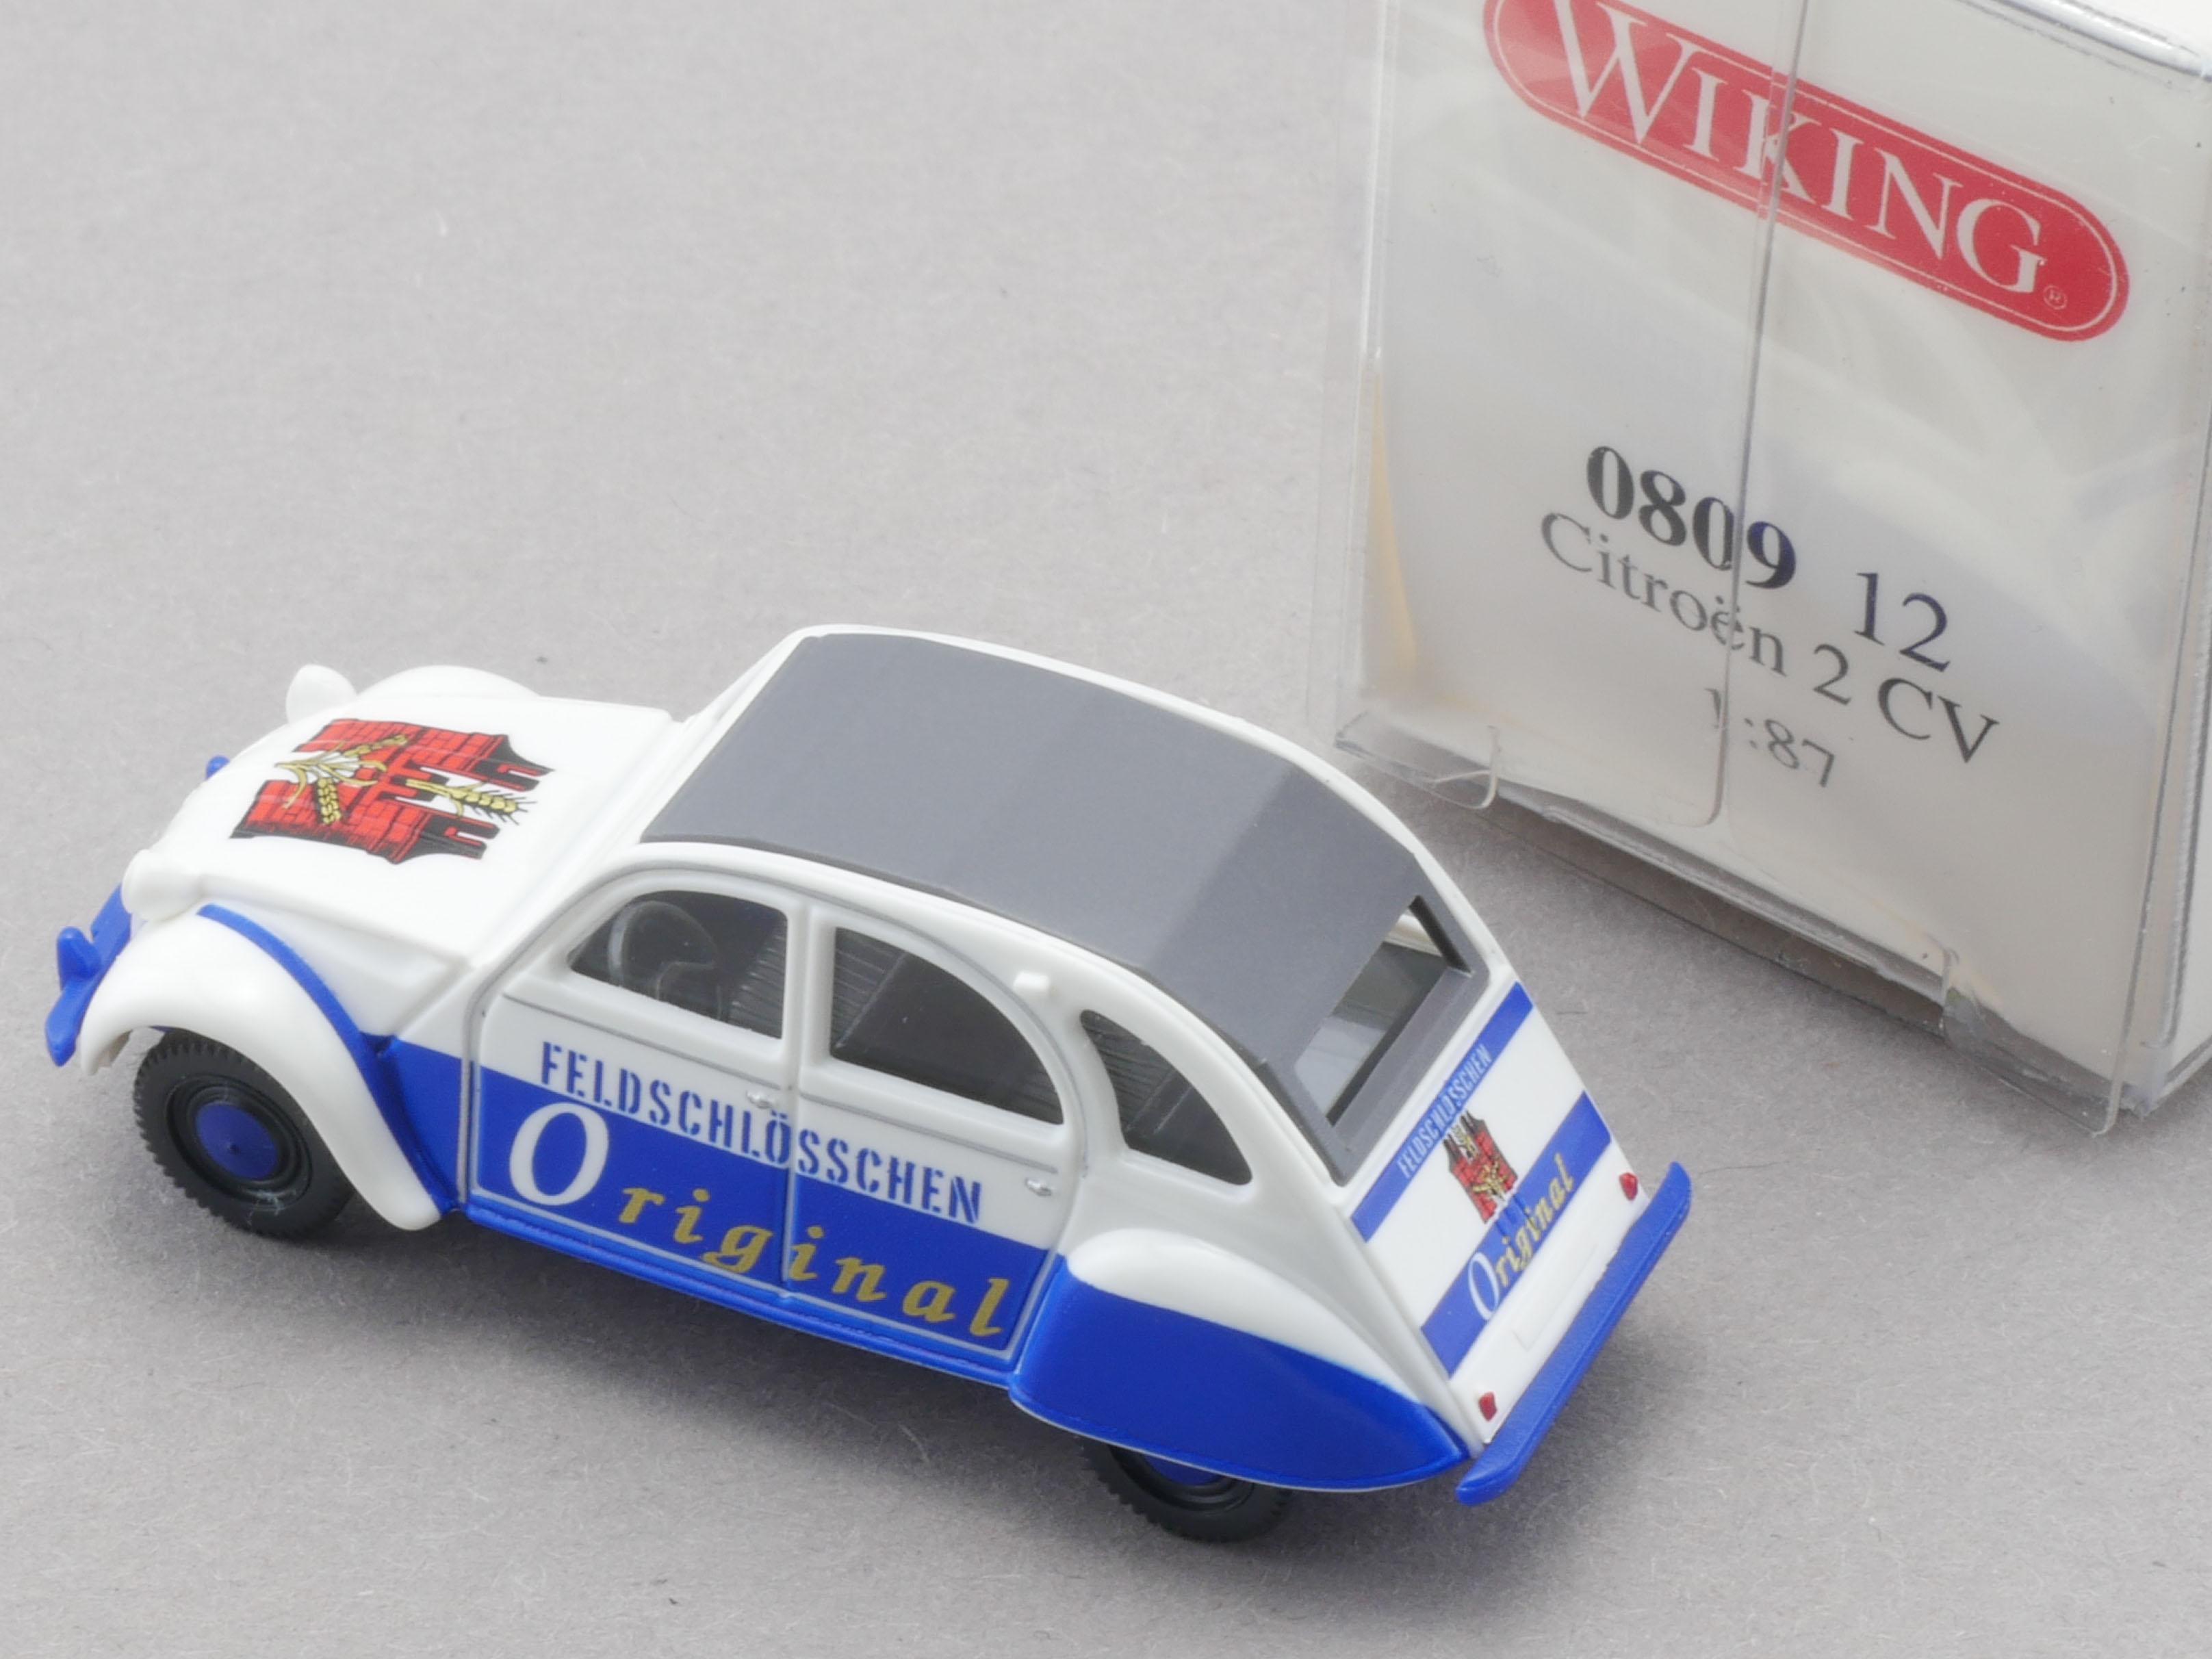 1//87 Wiking Citroen 2 CV Feldschlösschen Original 0809 12